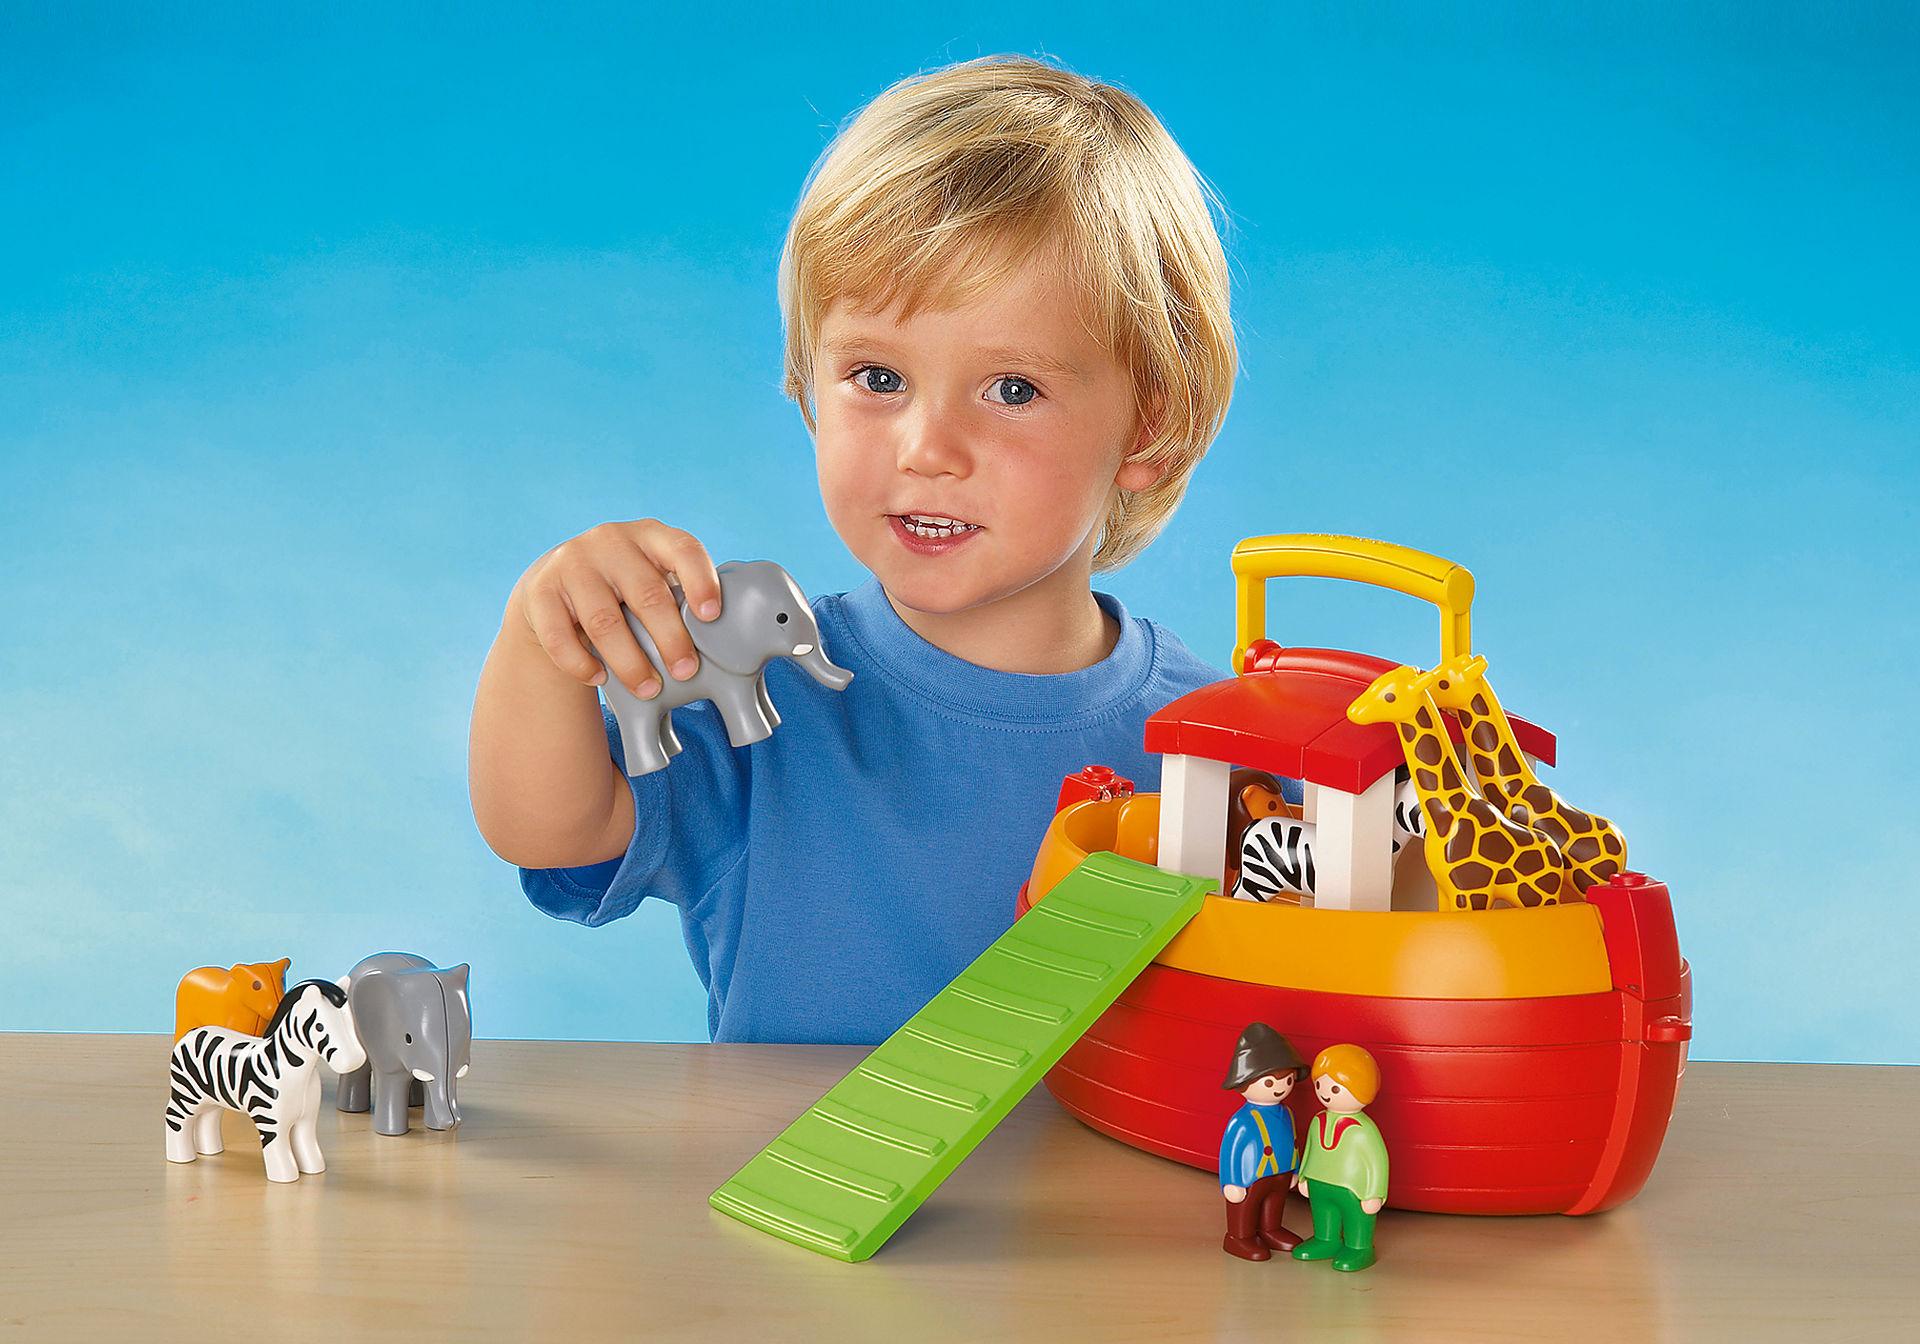 http://media.playmobil.com/i/playmobil/6765_product_extra1/Moja Arka Noego